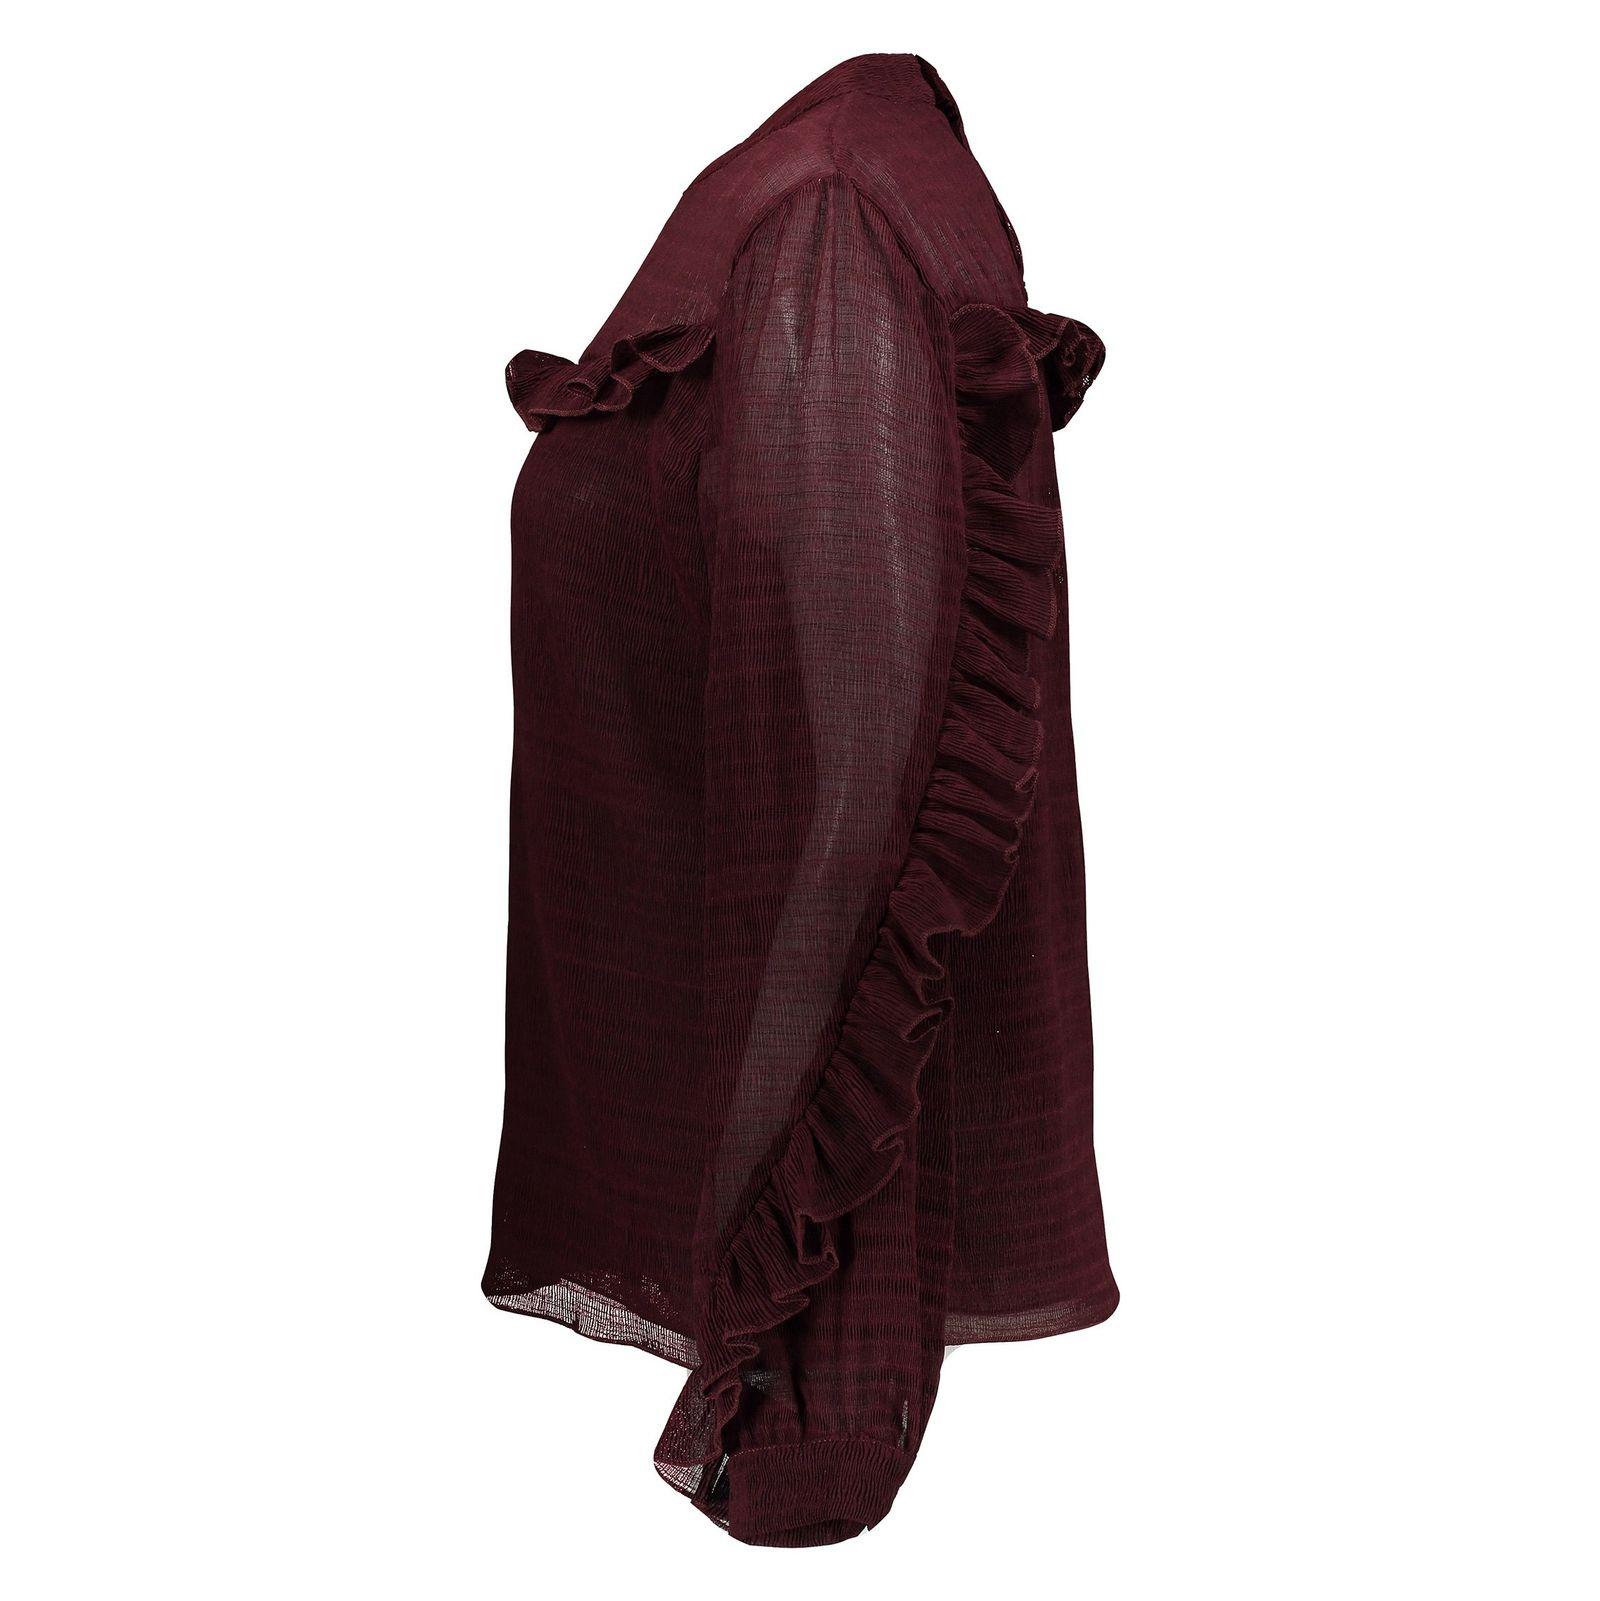 بلوز آستین بلند زنانه - پی سز - زرشکي - 3